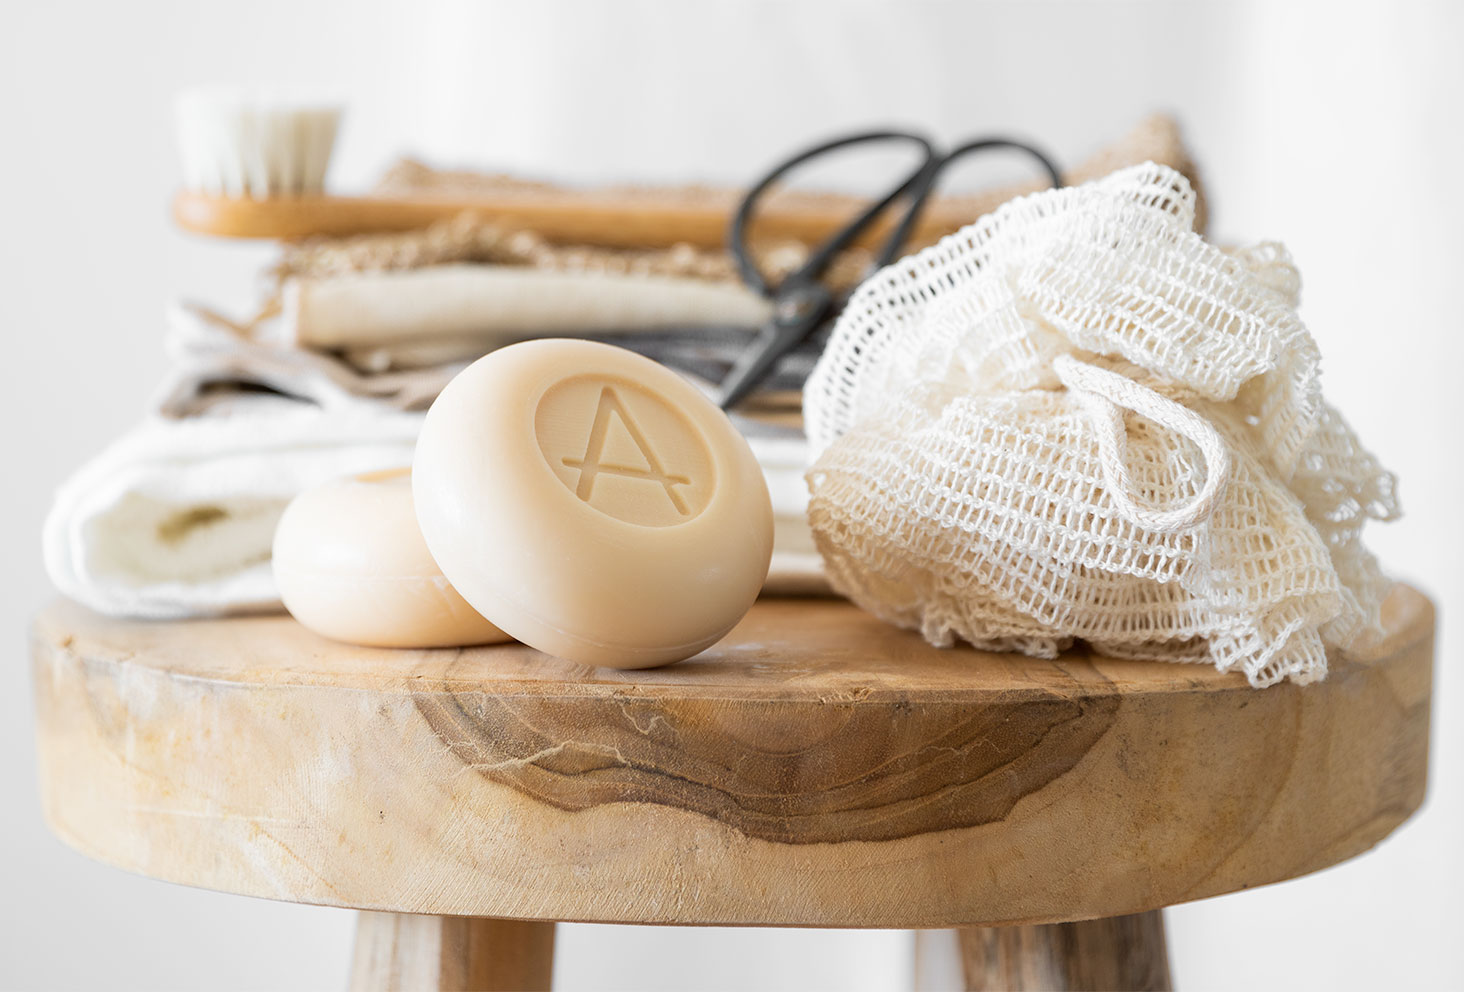 Le savon au lait de chèvre et à l'odeur d'amande Soin Amalthée sur un tabouret rond en bois dans une salle de bain